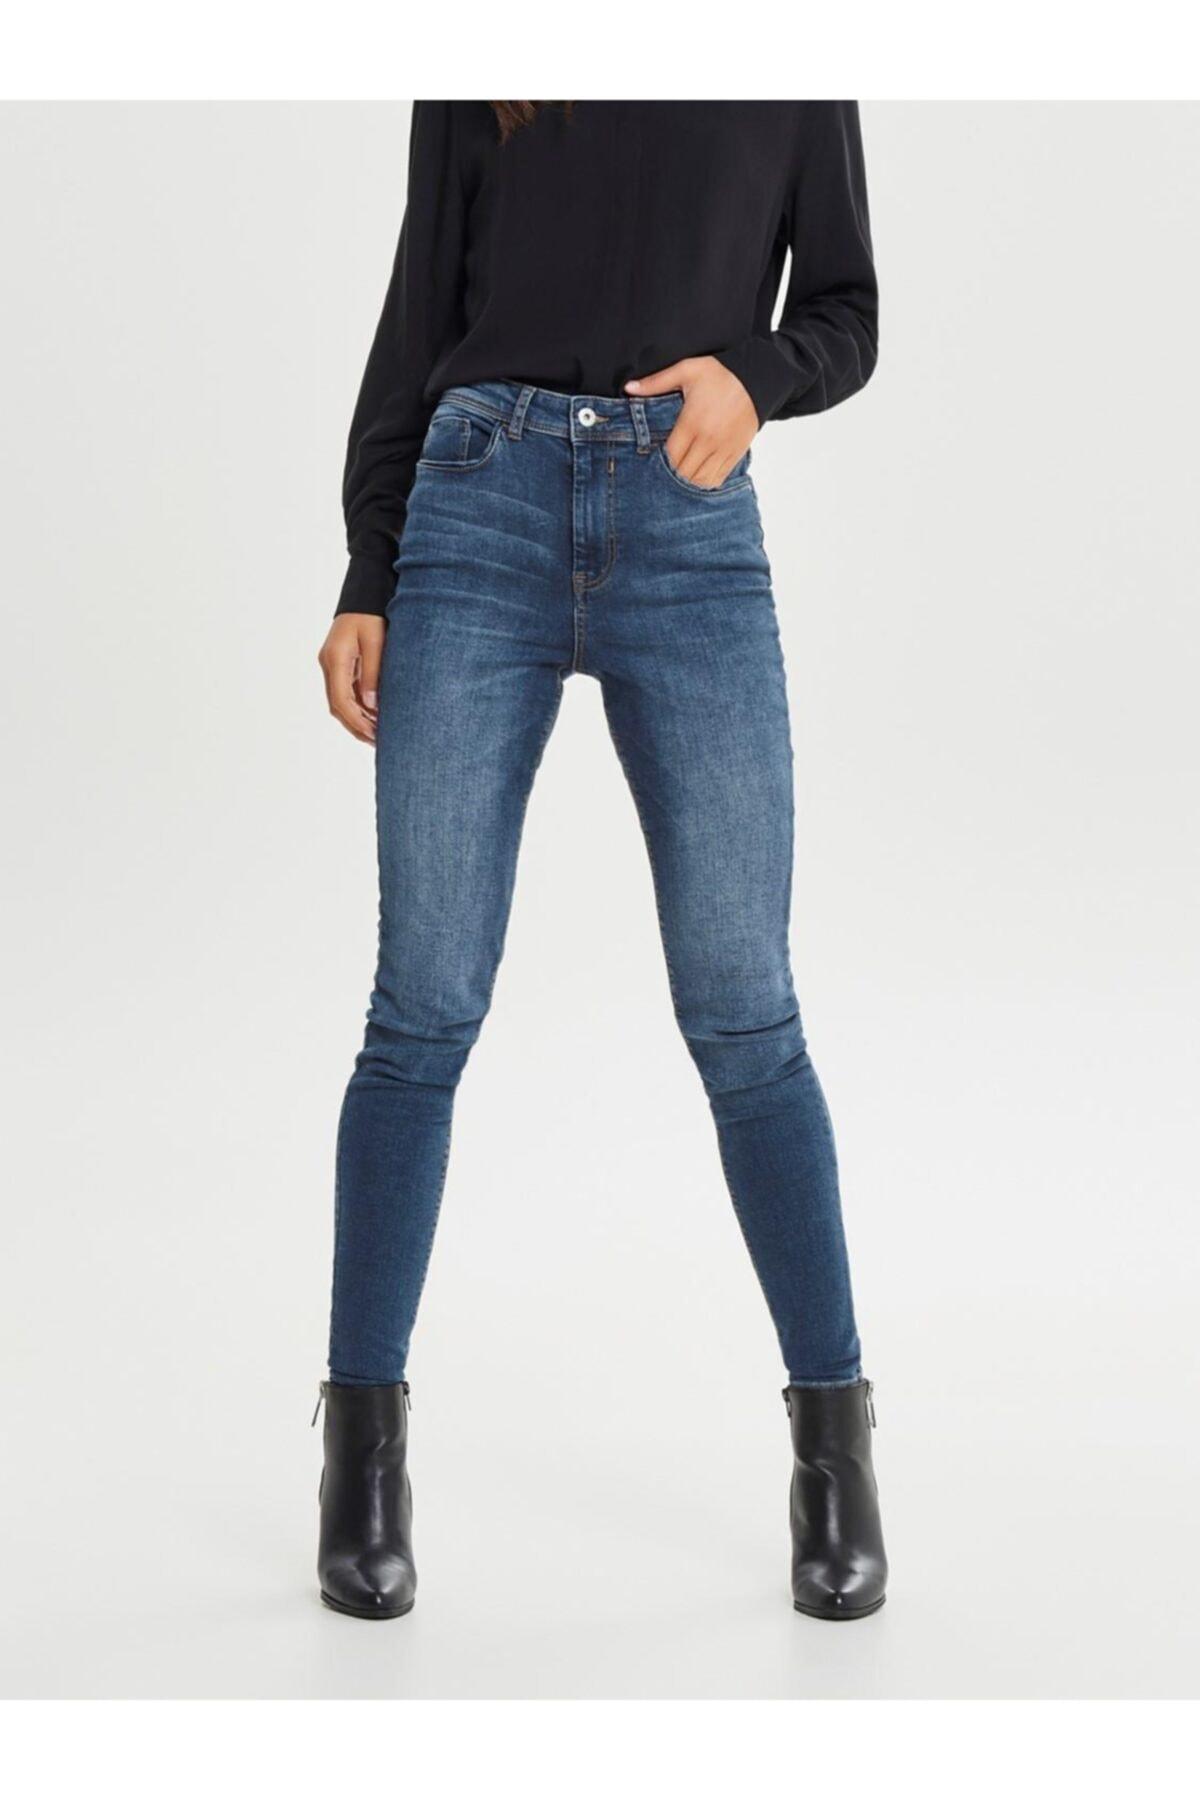 Only Kadın Jdy Jona Skinny High Med Blue Jean Pantolon 15171475 1